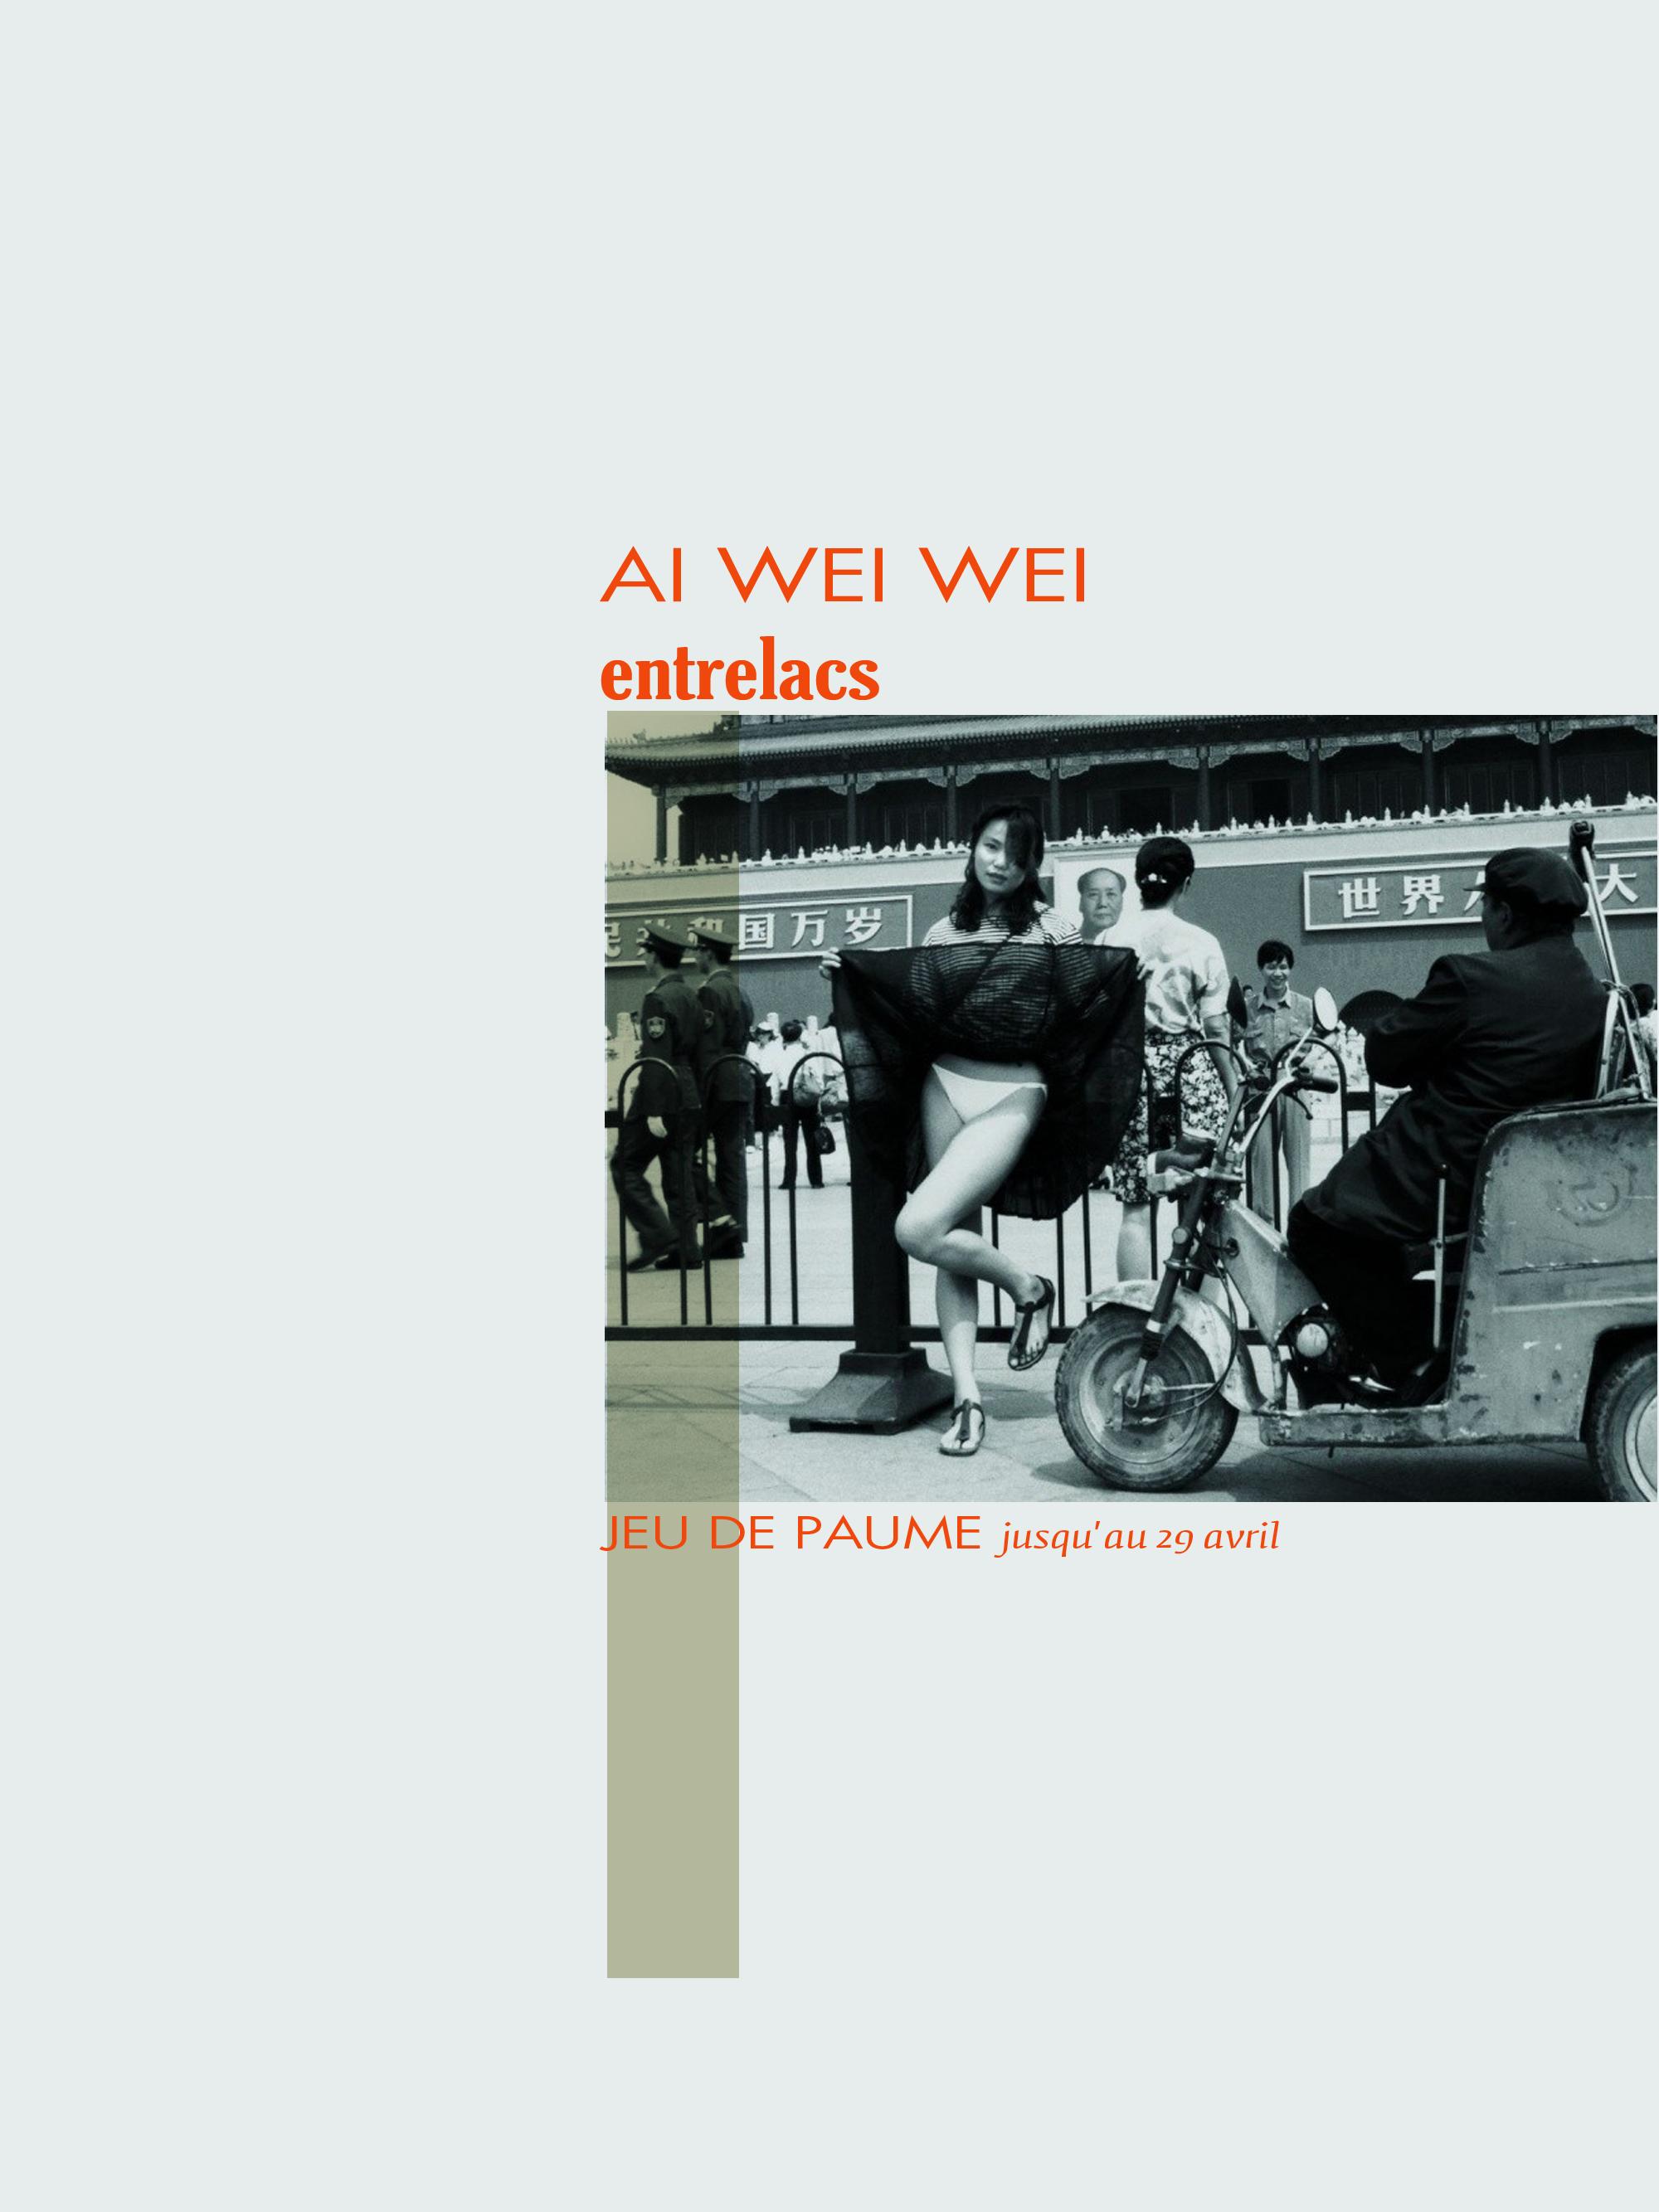 AI wei wei_jeudepaume_paris_expo_by_le-polyèdre_0